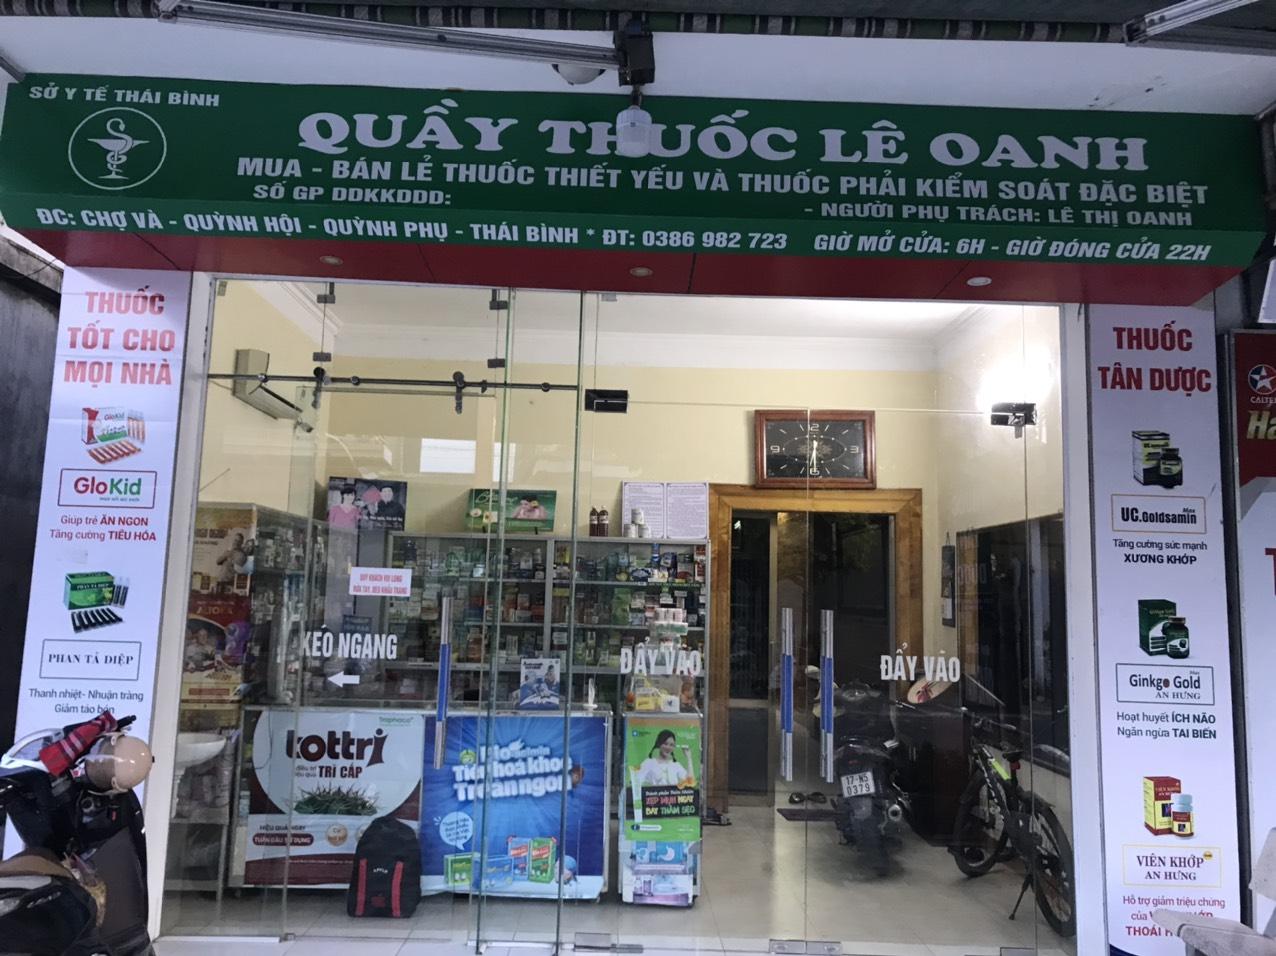 QT Lê Oanh